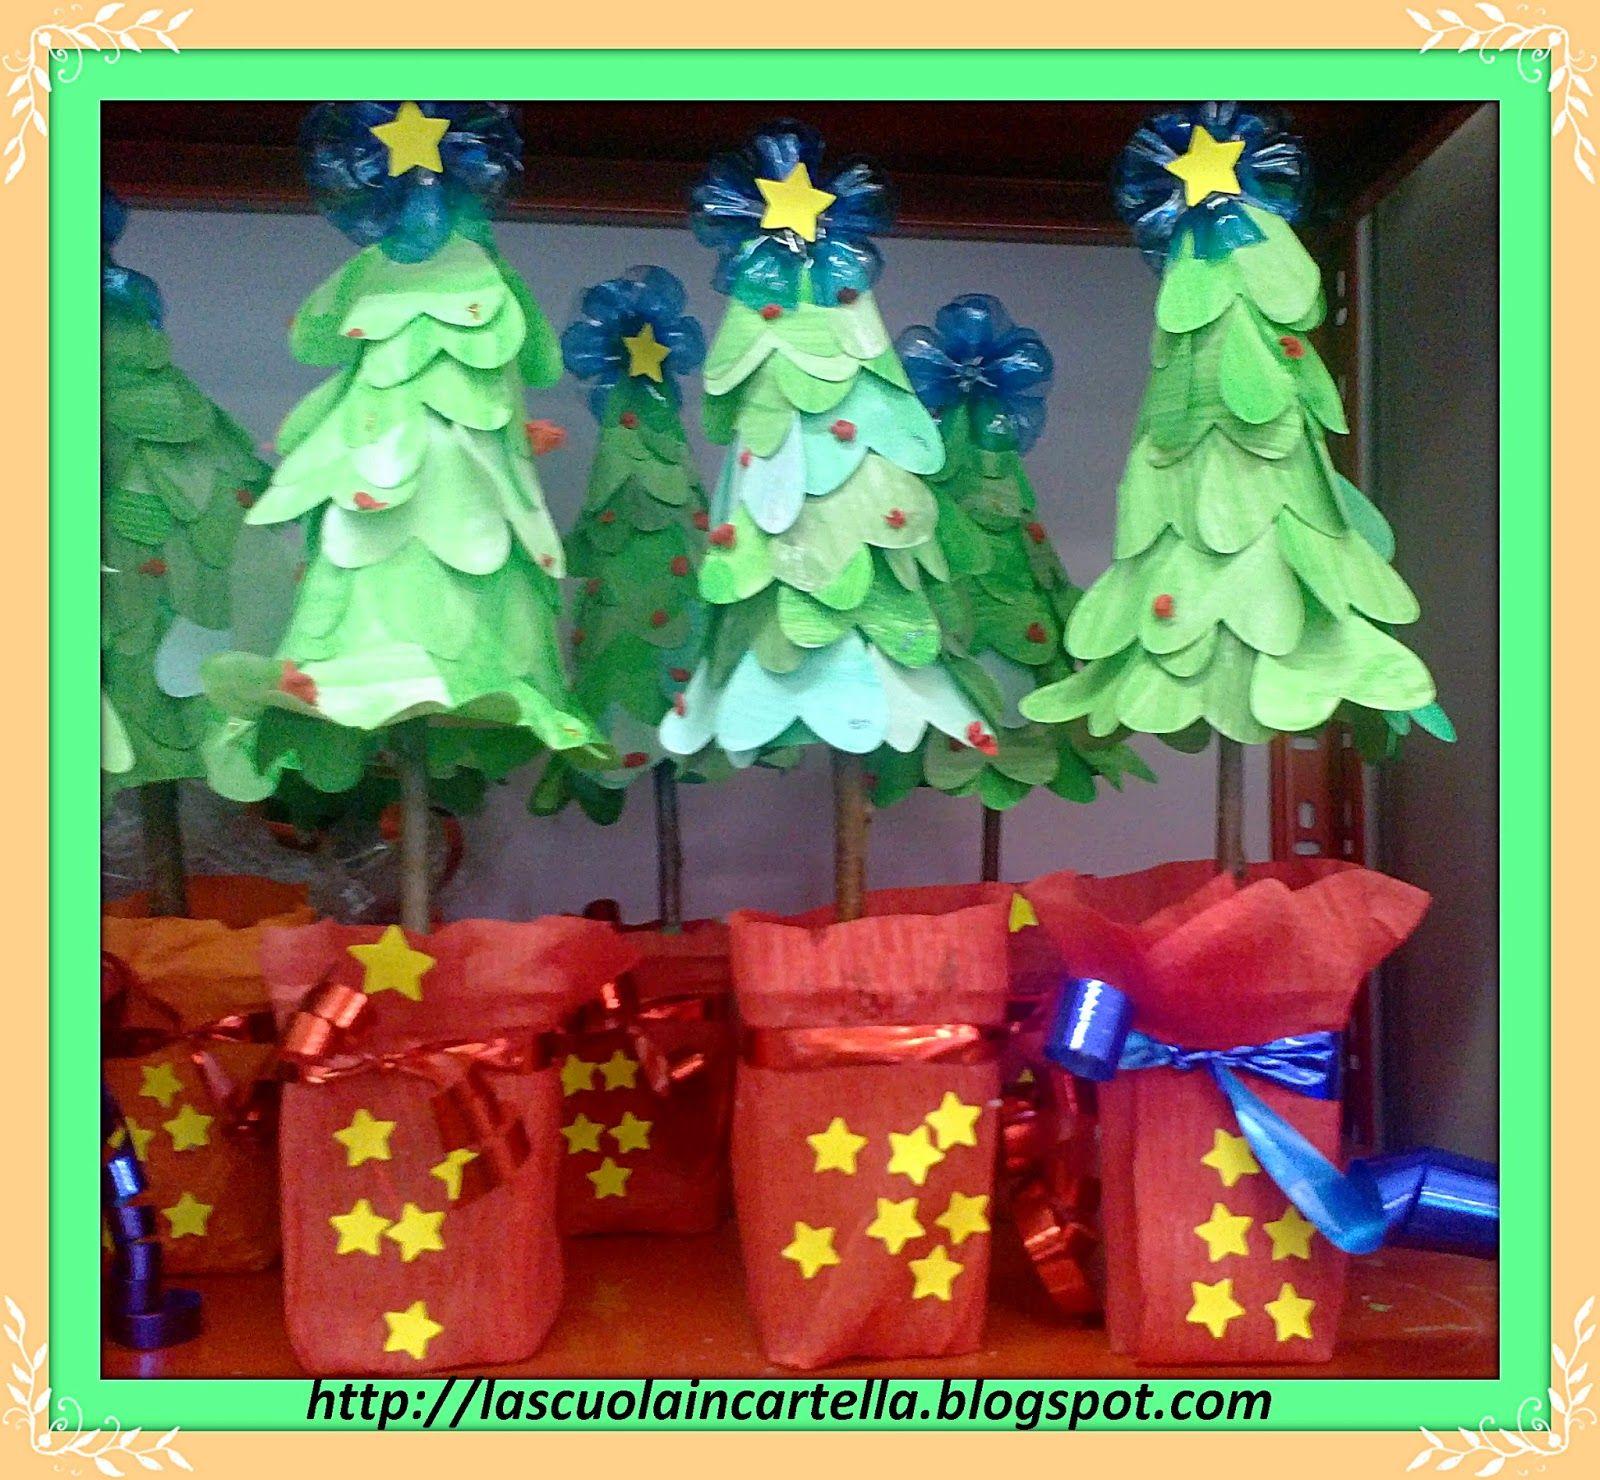 L'anno scorso per Natale con i miei allievi abbiamo ...